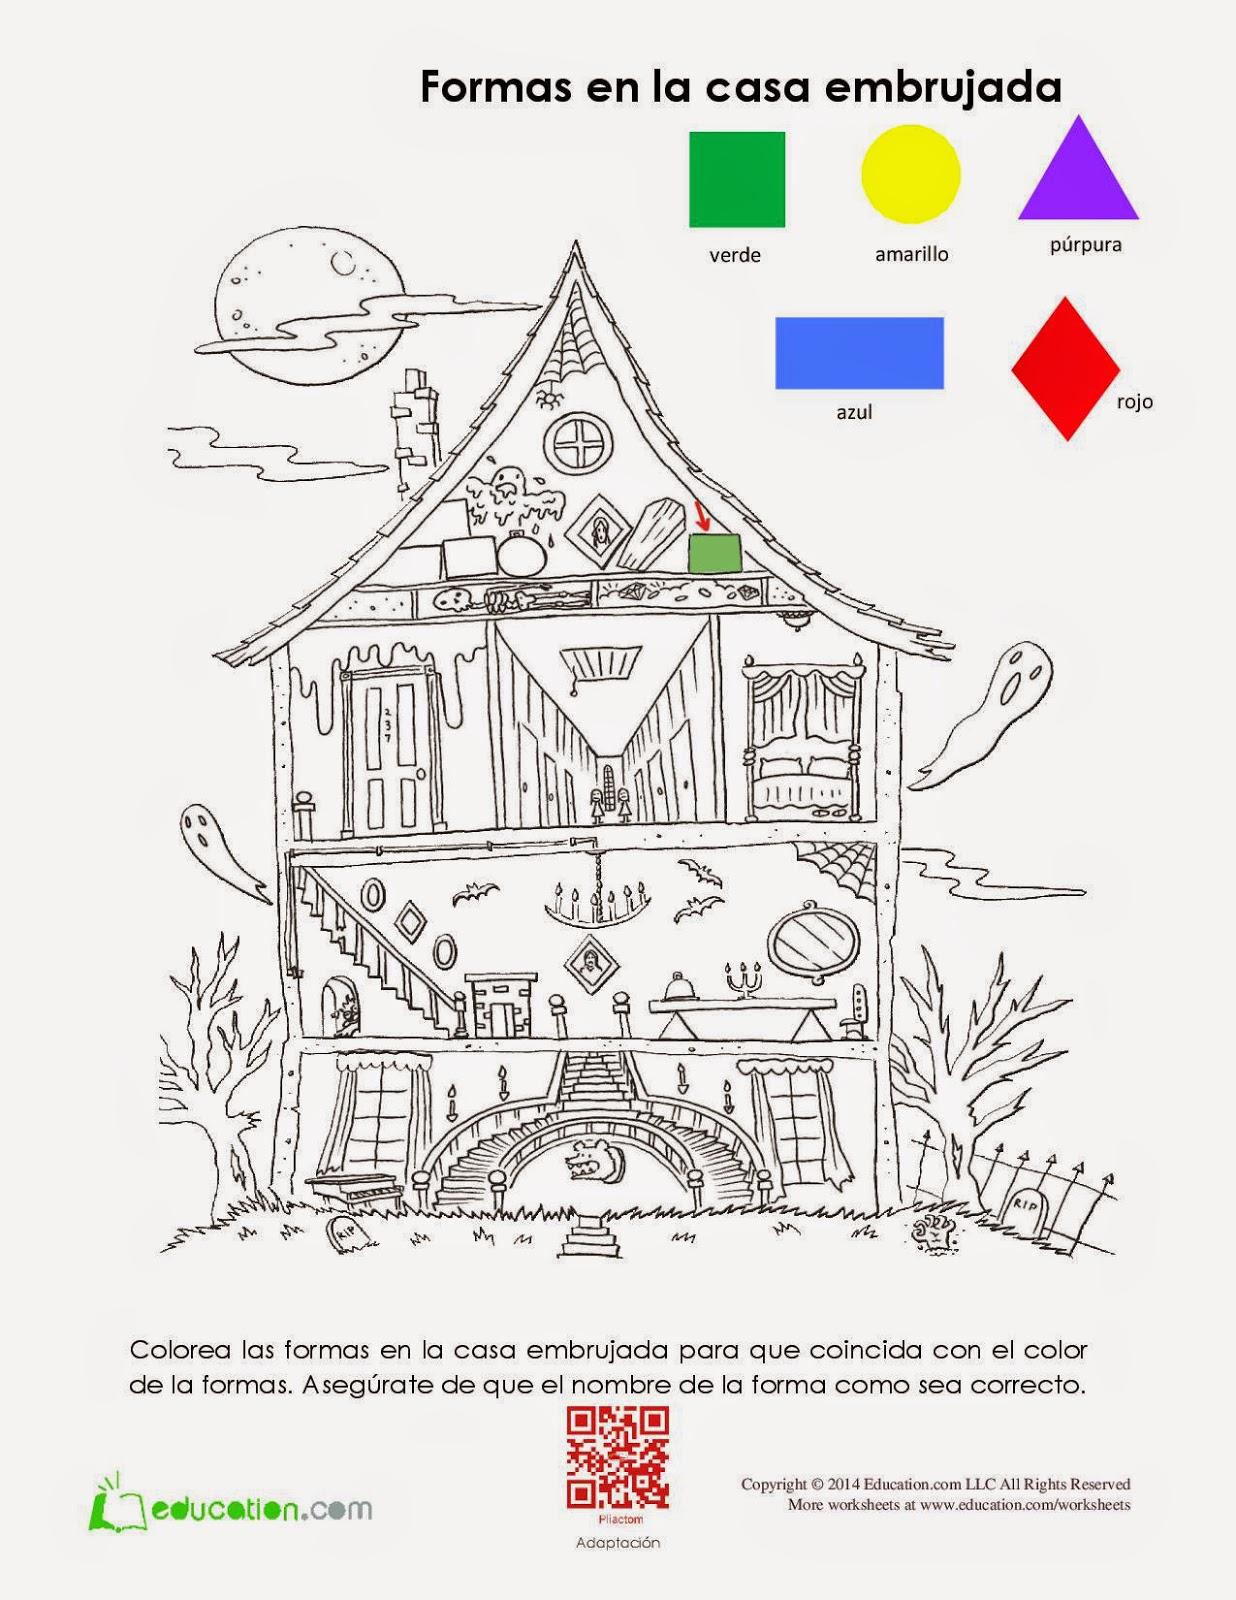 Figuras Geométricas En La Casa Embrujada